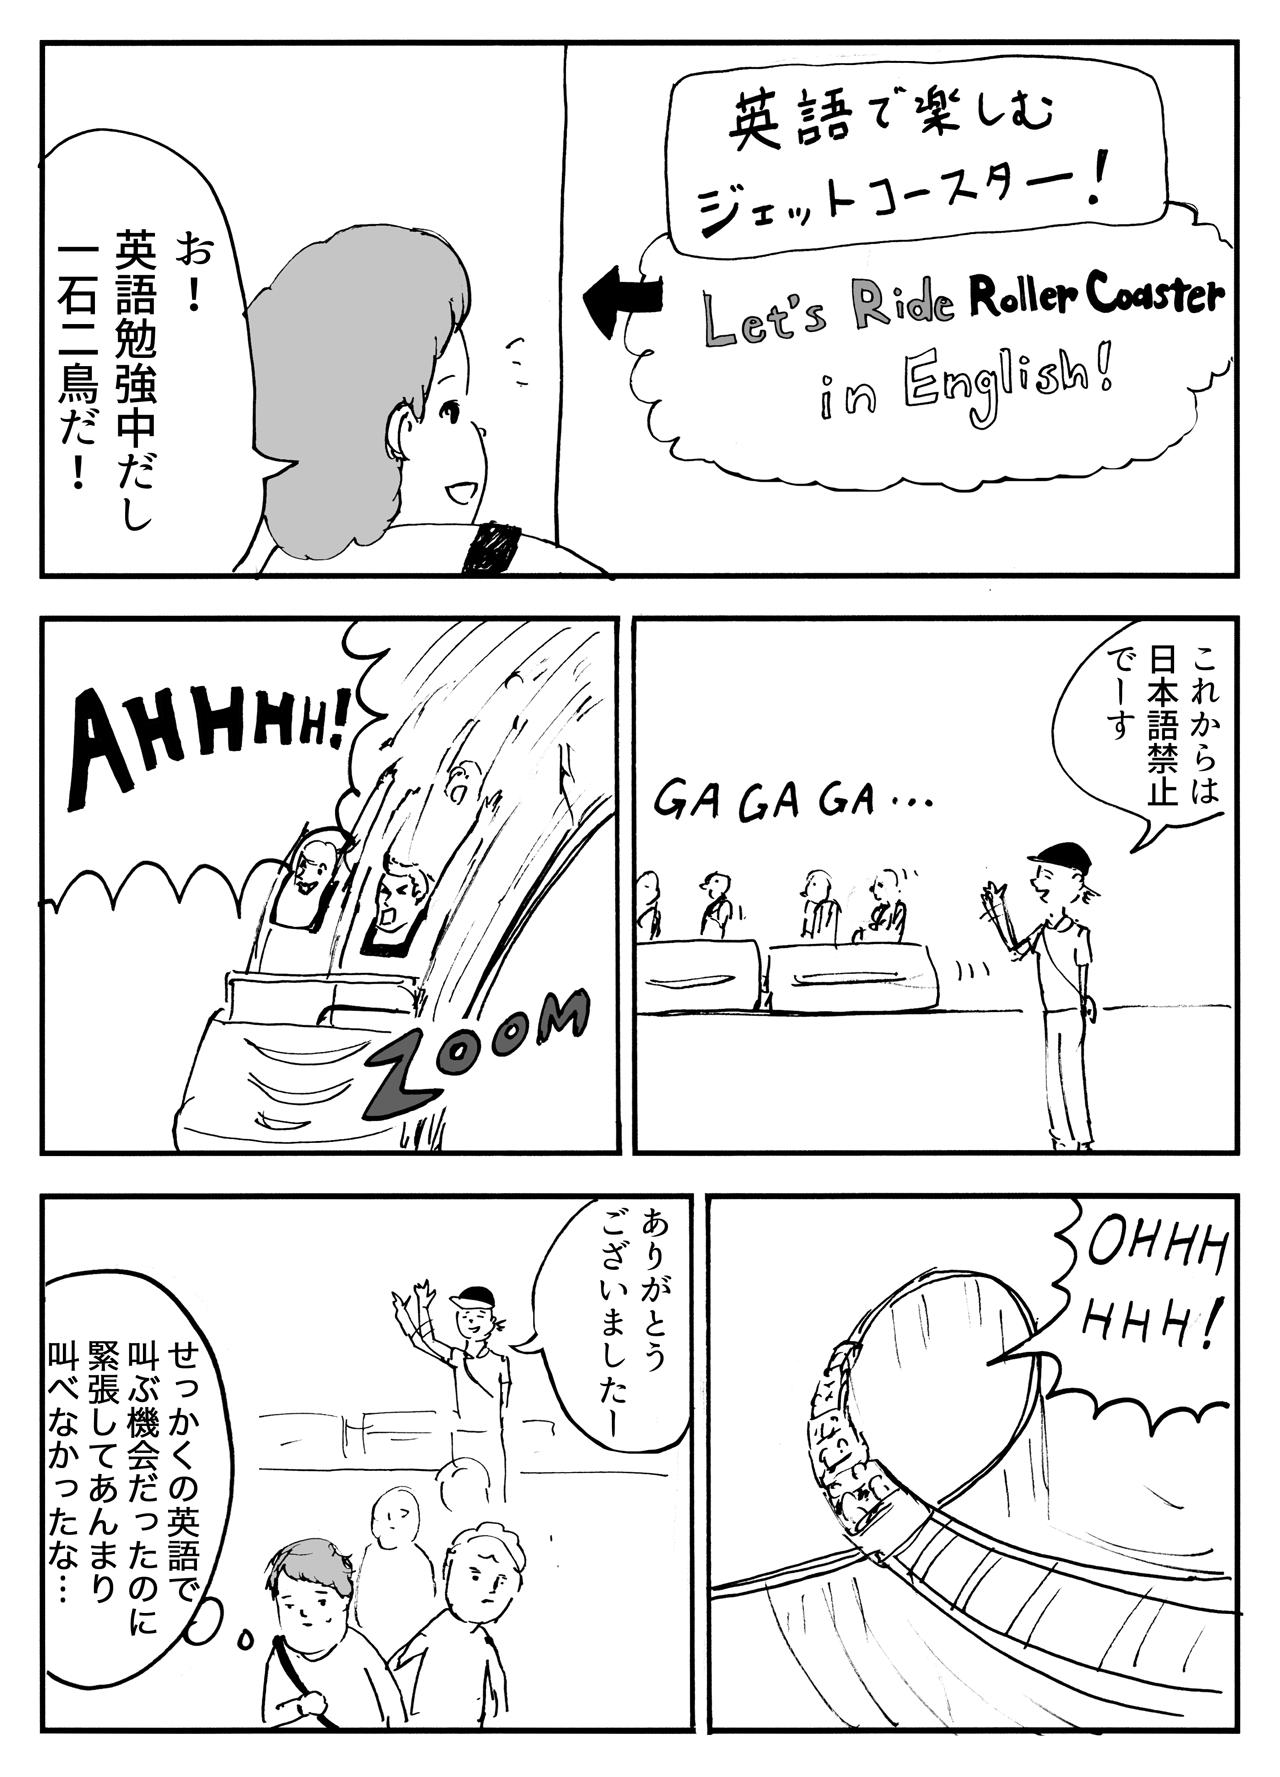 英語で楽しむジェットコースター